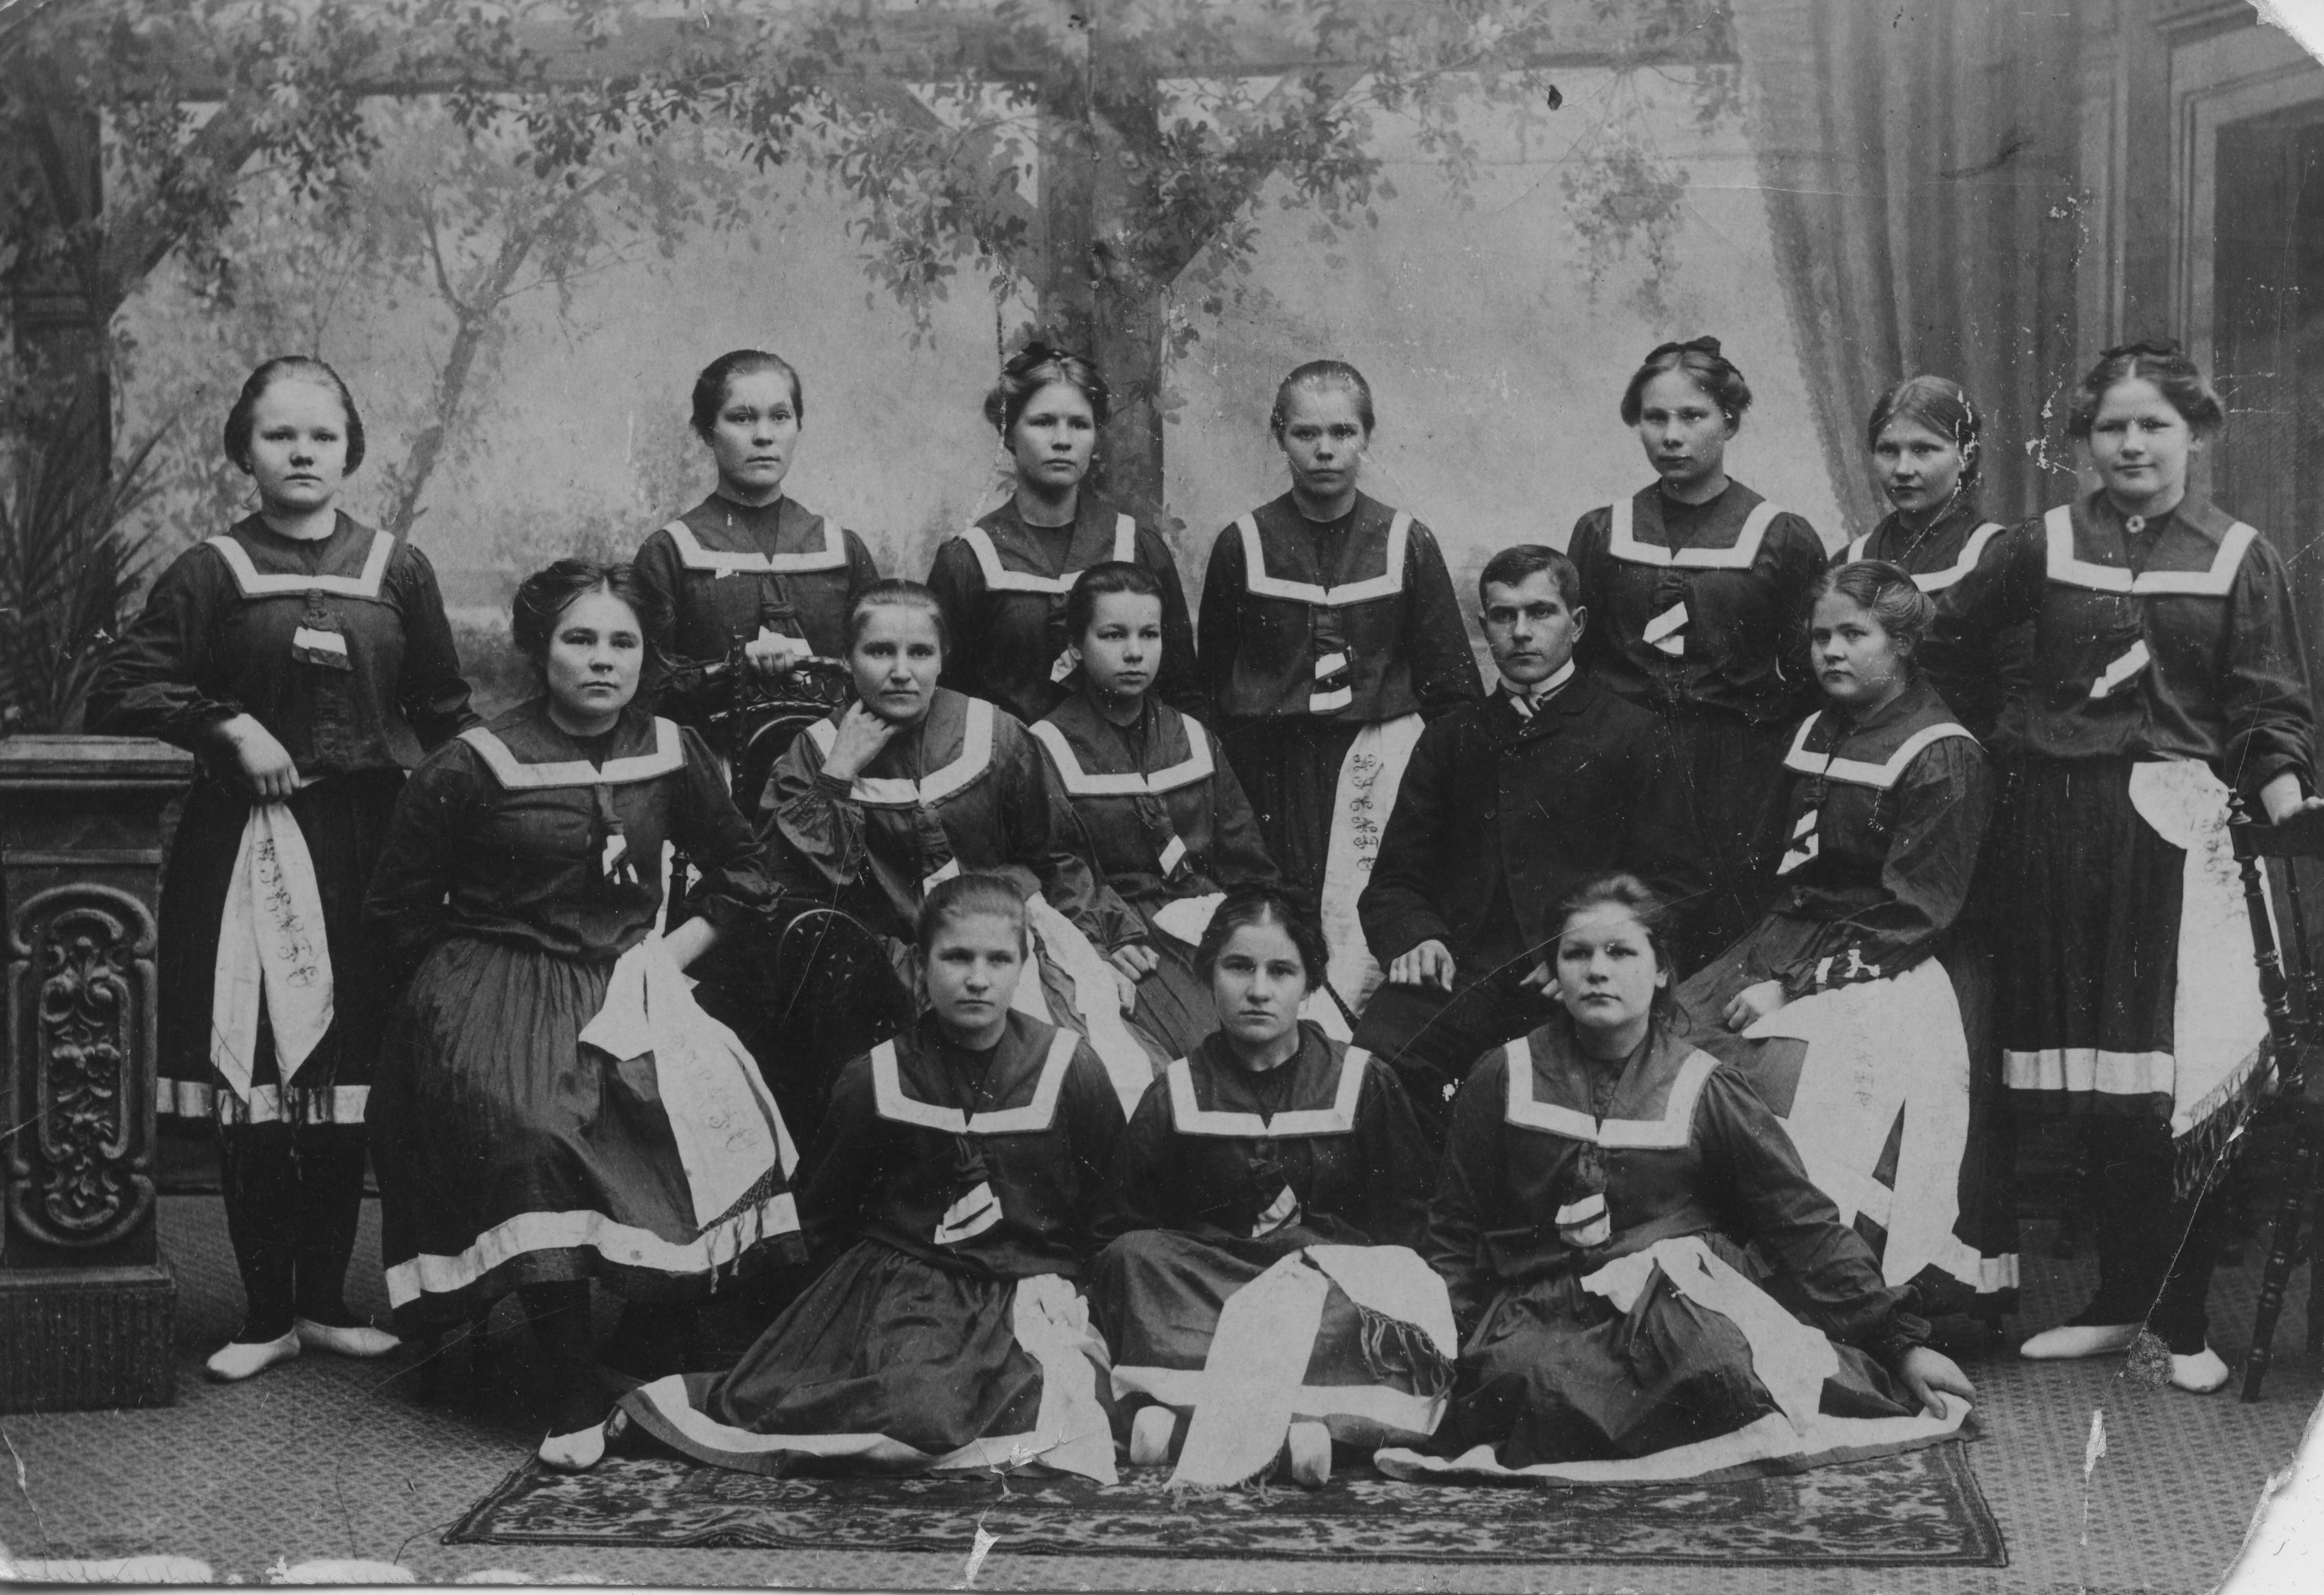 Kotka; Kotkan Sosialidemokraattisen Työväenyhdistys Riennon ensimmäiset naisvoimistelijat 1906. (Työväen Arkisto)